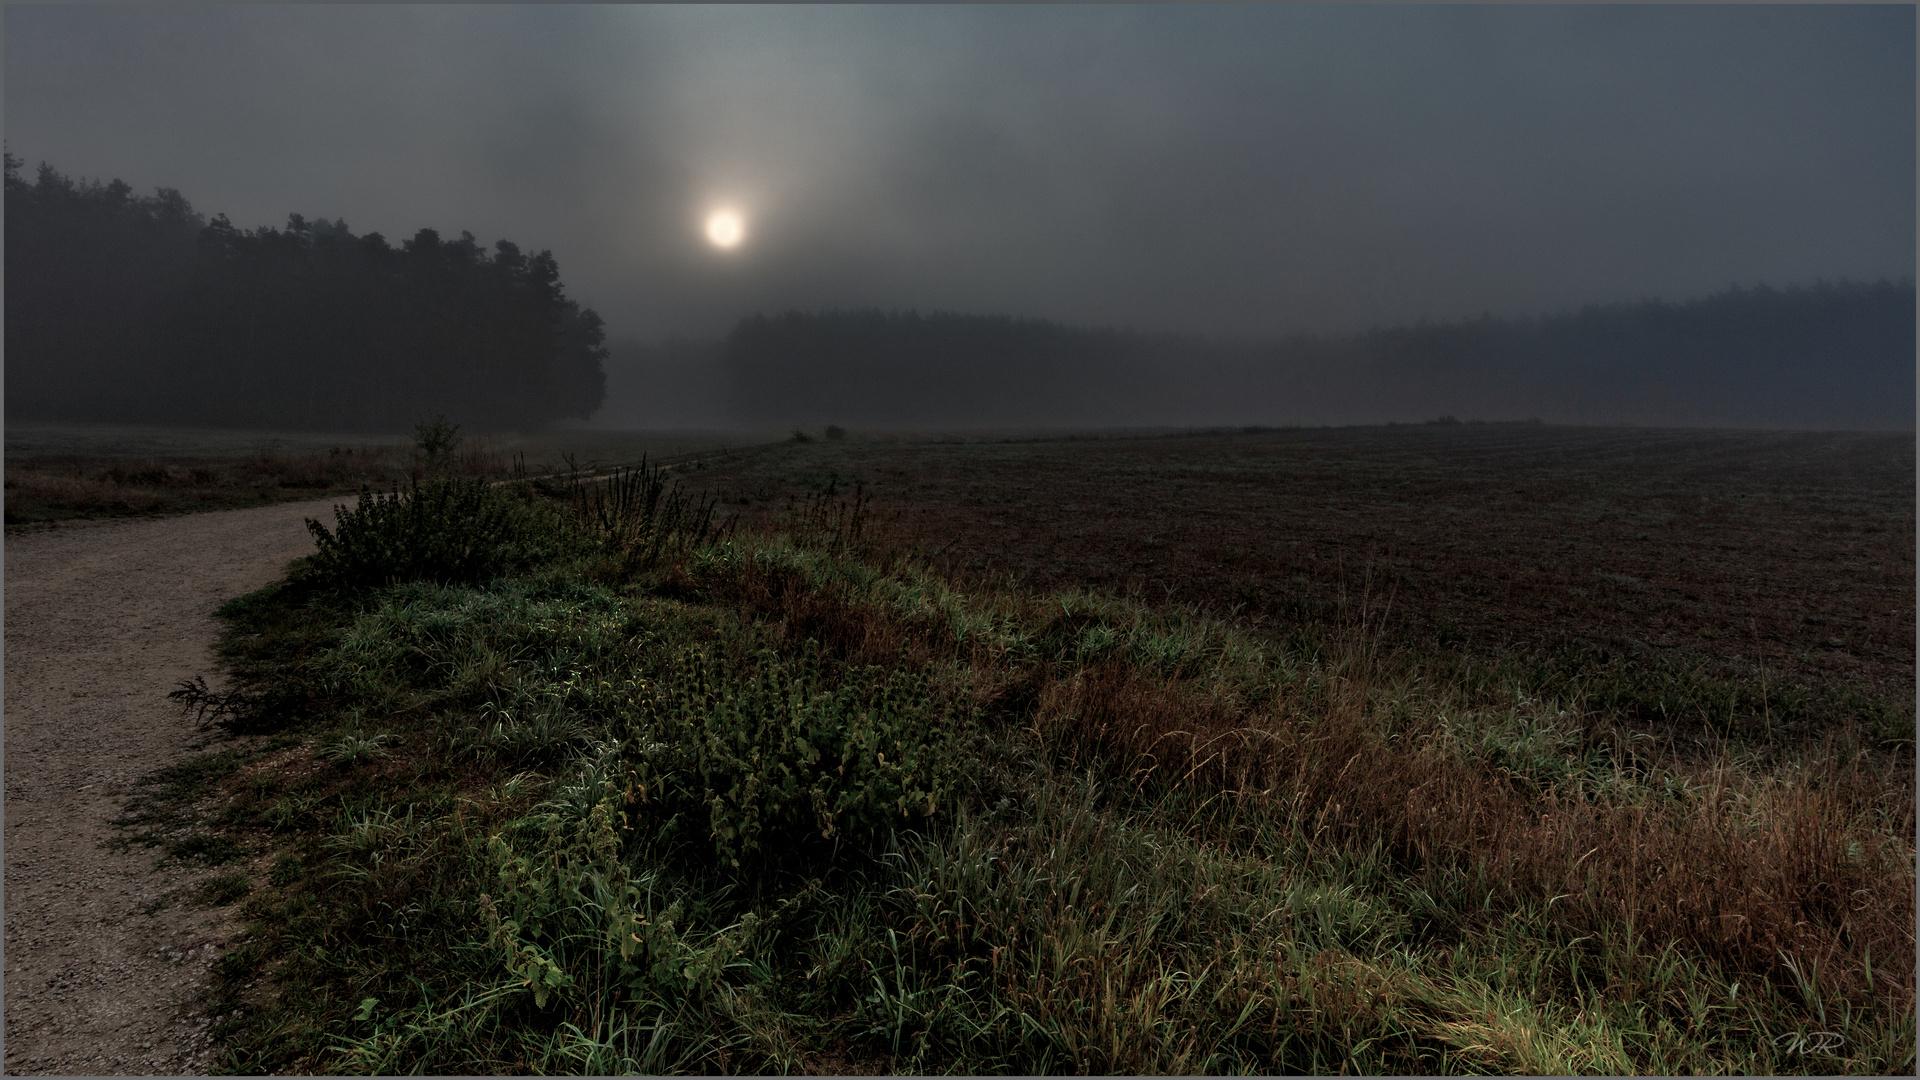 Die Sonne durchbricht den Nebel - 1